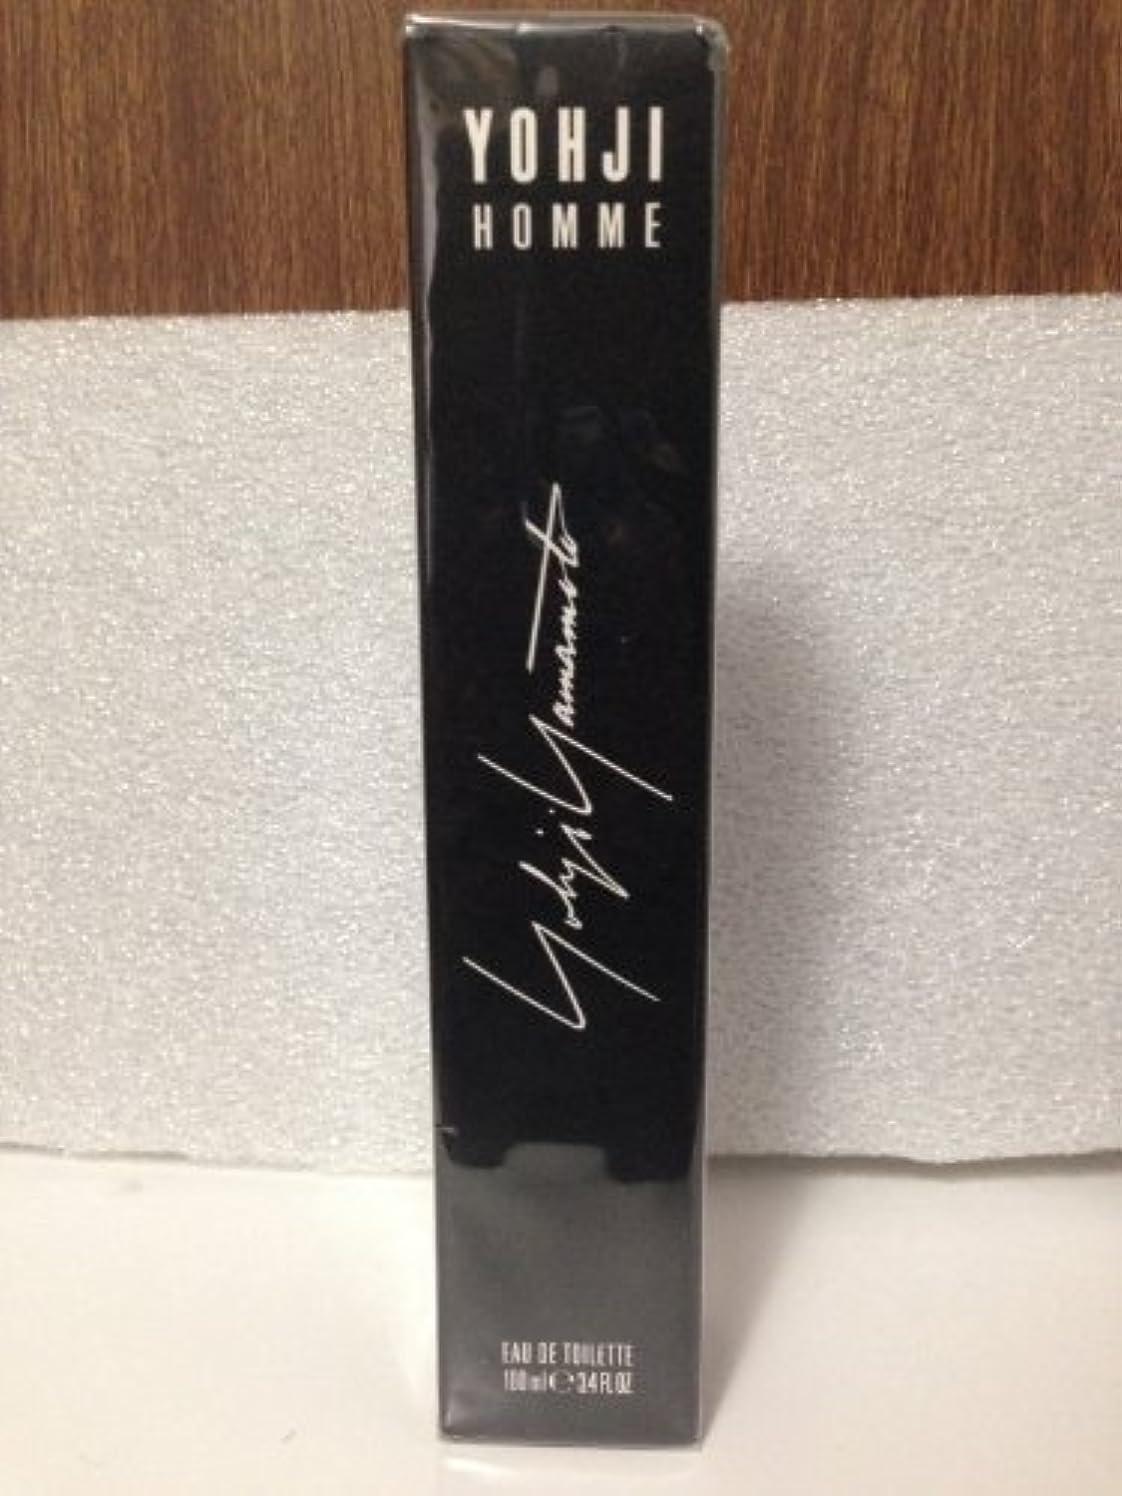 傷跡シェア絶妙Yohji Yamamoto Yohji Homme Eau de Toilette 100ml 2013 year